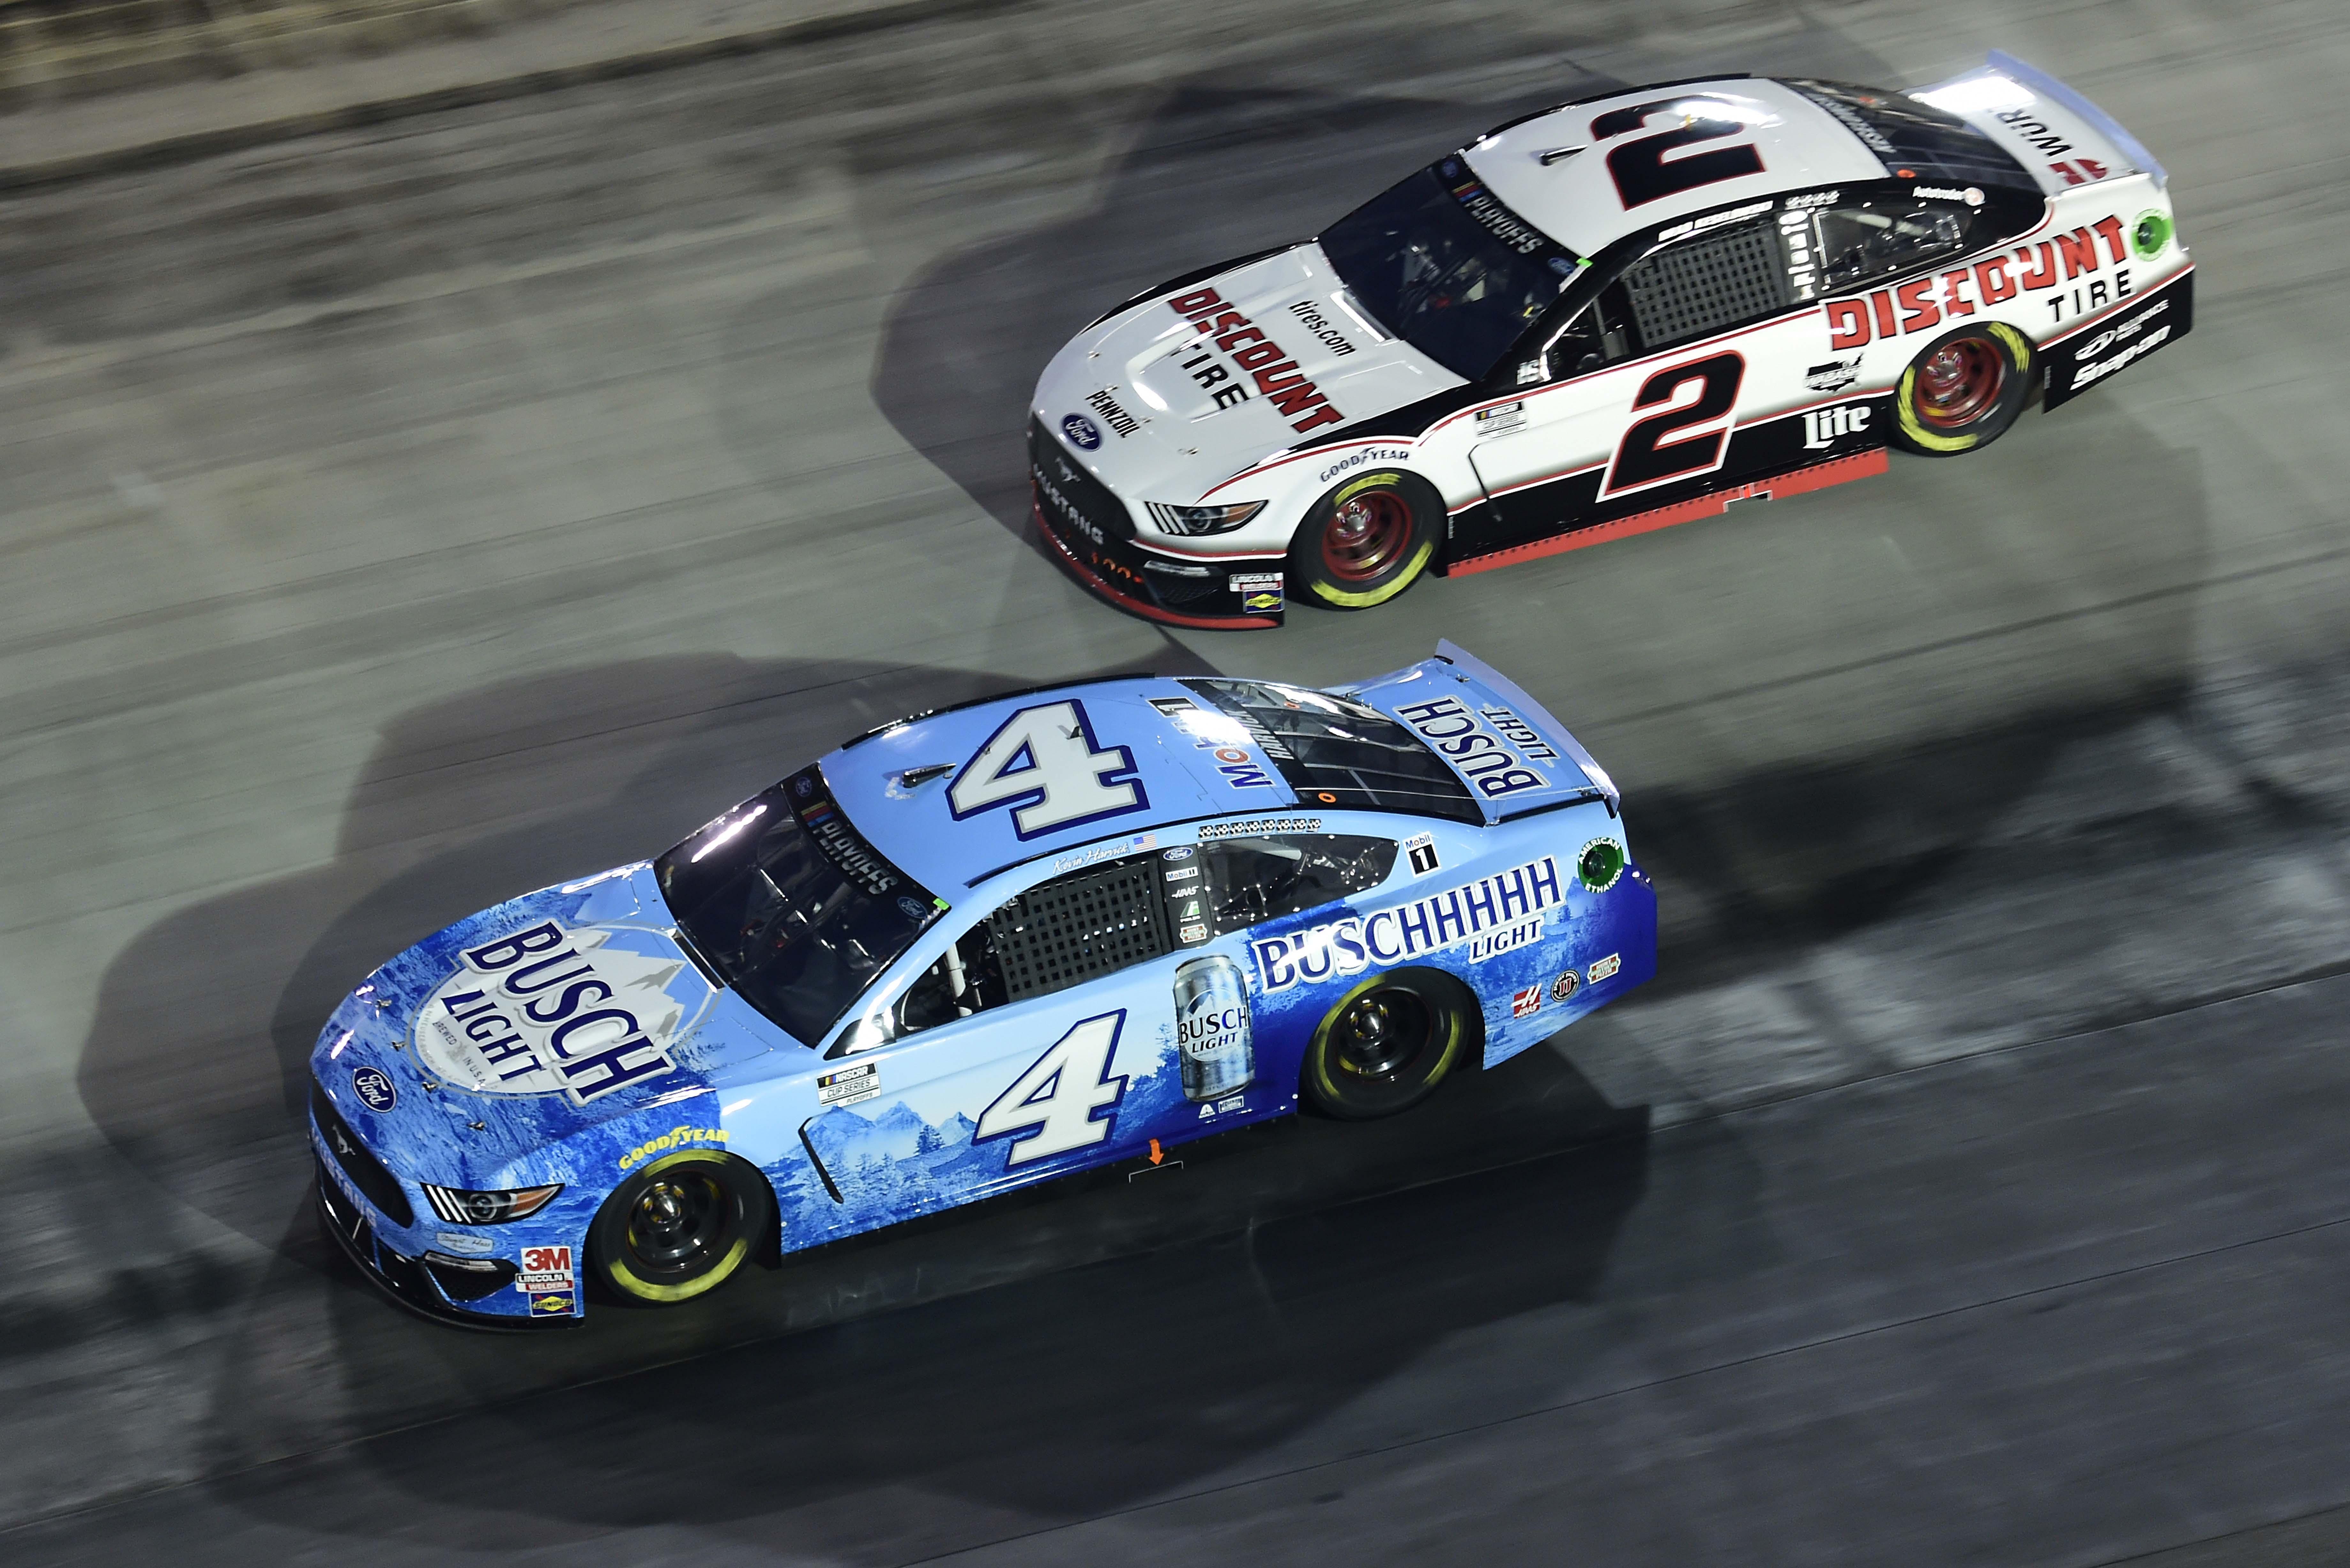 Kevin Harvick and Brad Keselowski at Bristol Motor Speedway - NASCAR Cup Series